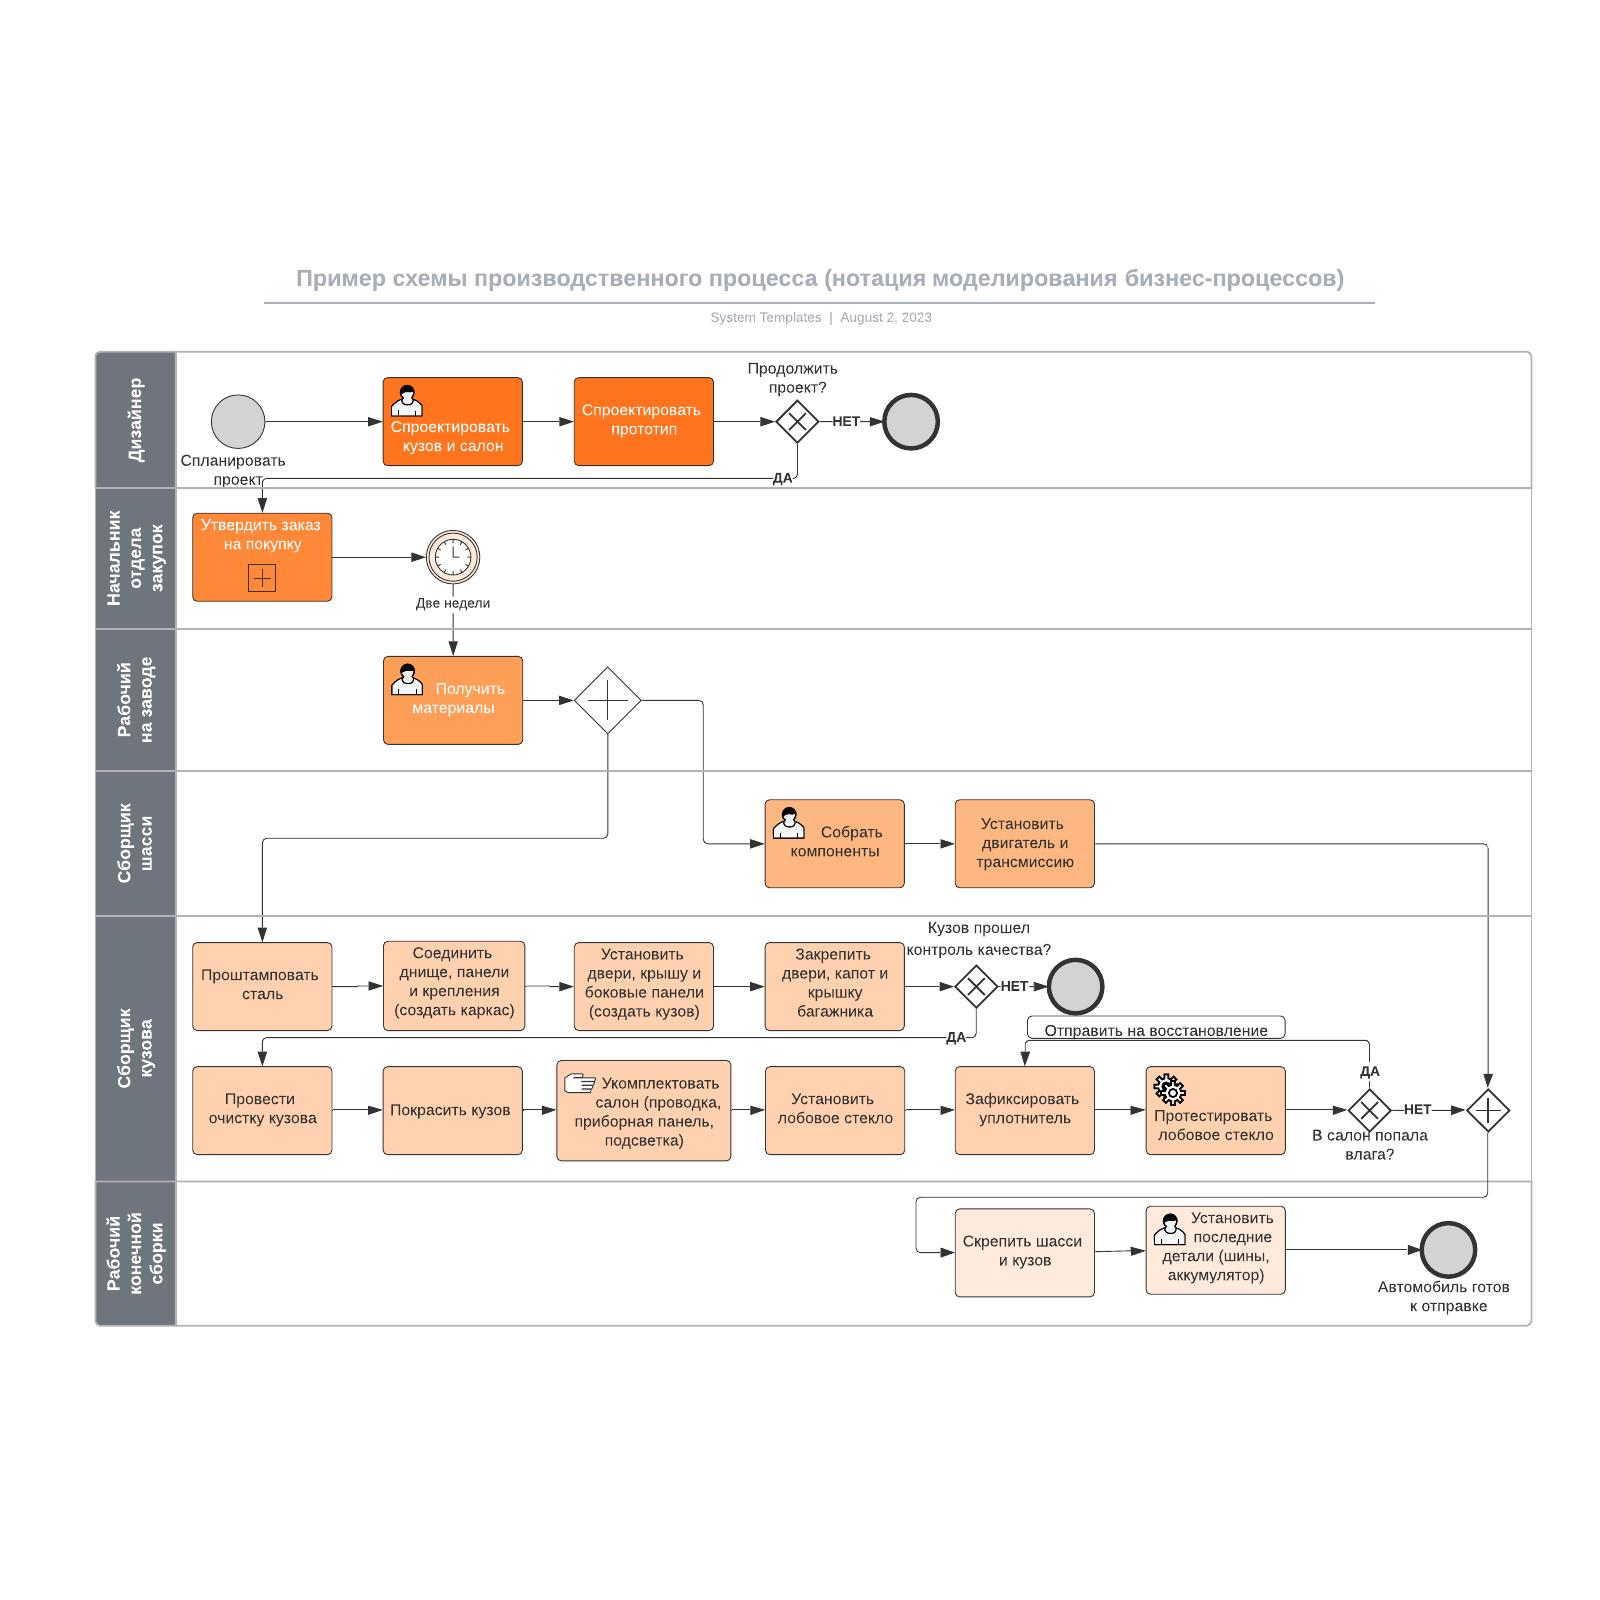 Пример схемы производственного процесса (нотация моделирования бизнес-процессов)